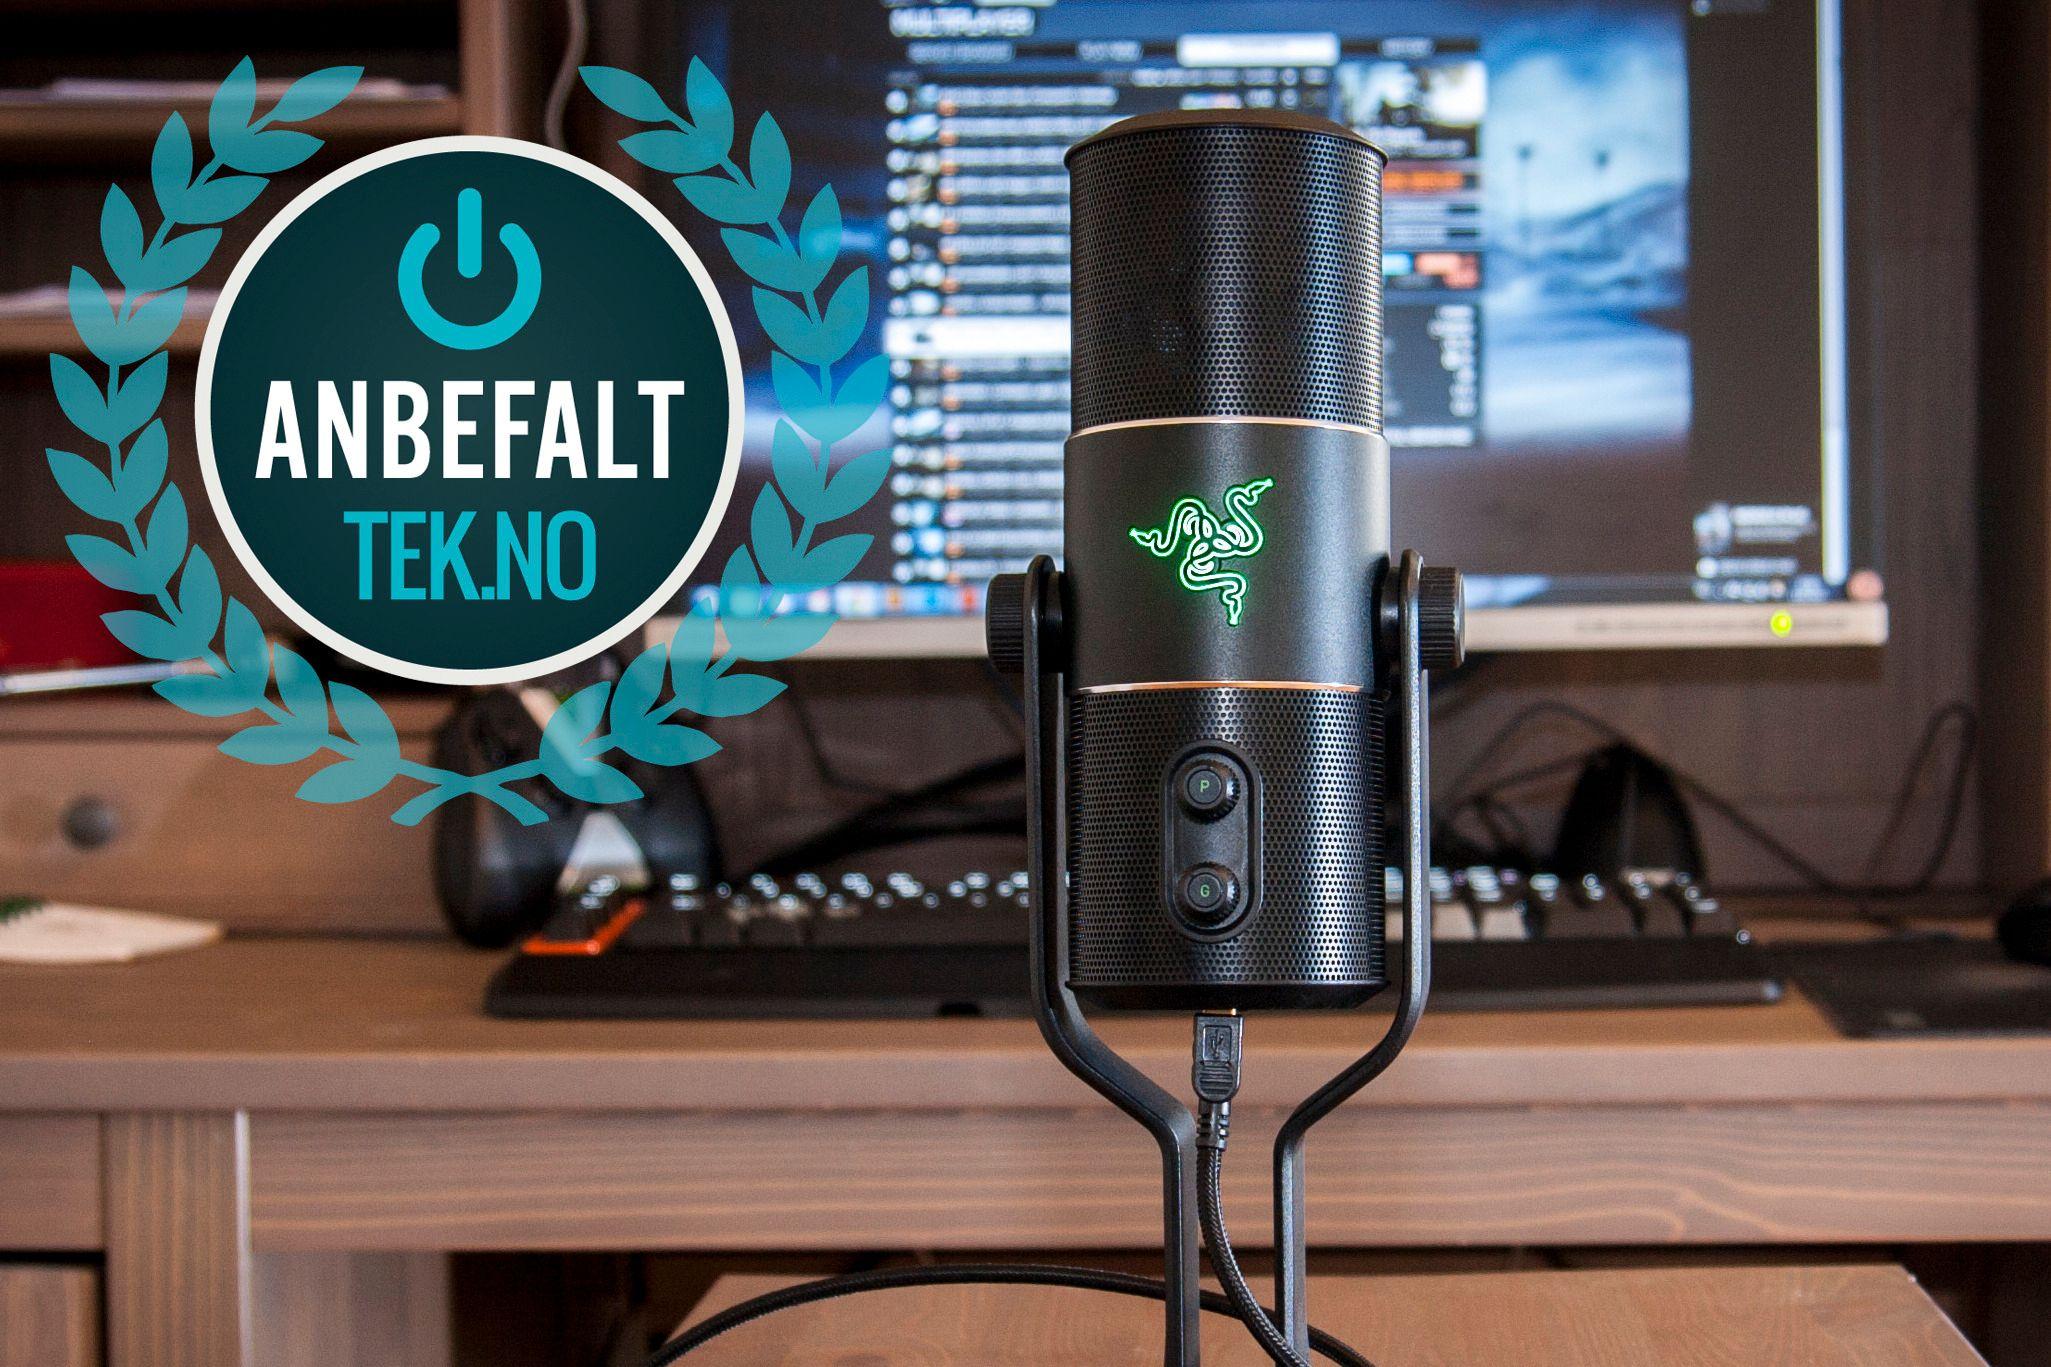 Skal du ha en god og brukervennlig mikrofon til YouTube-kanalen din eller lignende? Da er Razer Seiren et godt valg. Foto: Kristoffer Møllevik